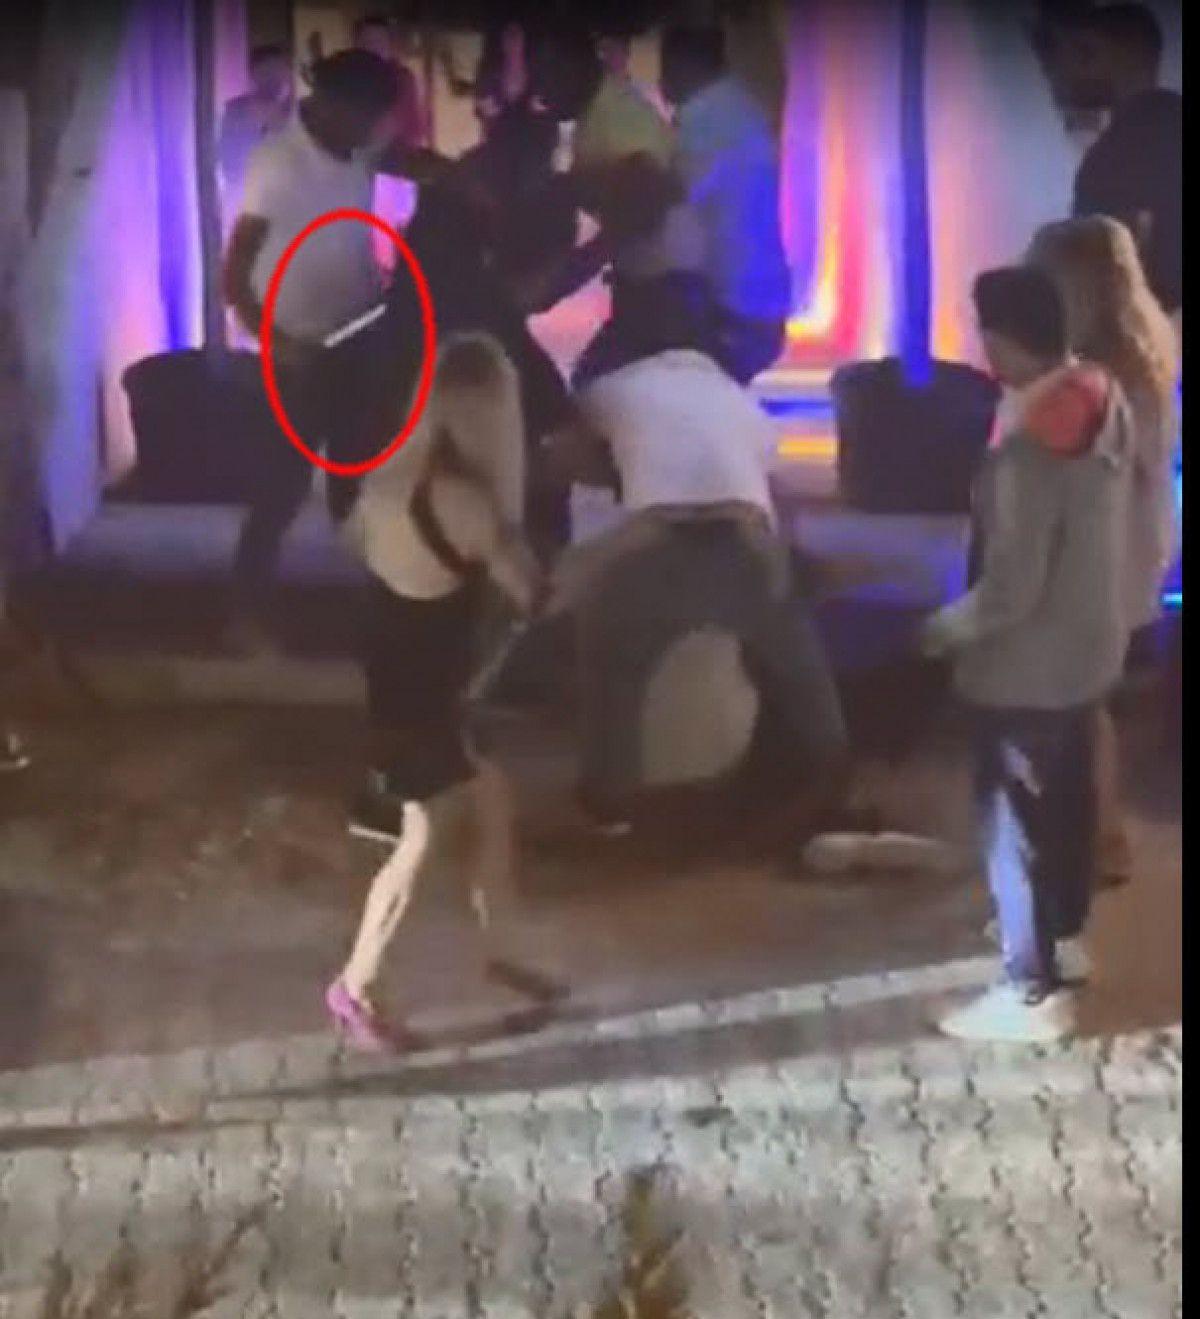 Çeşme de gece kulübündeki kavgada 1 kişinin öldürülme anı kamerada #6